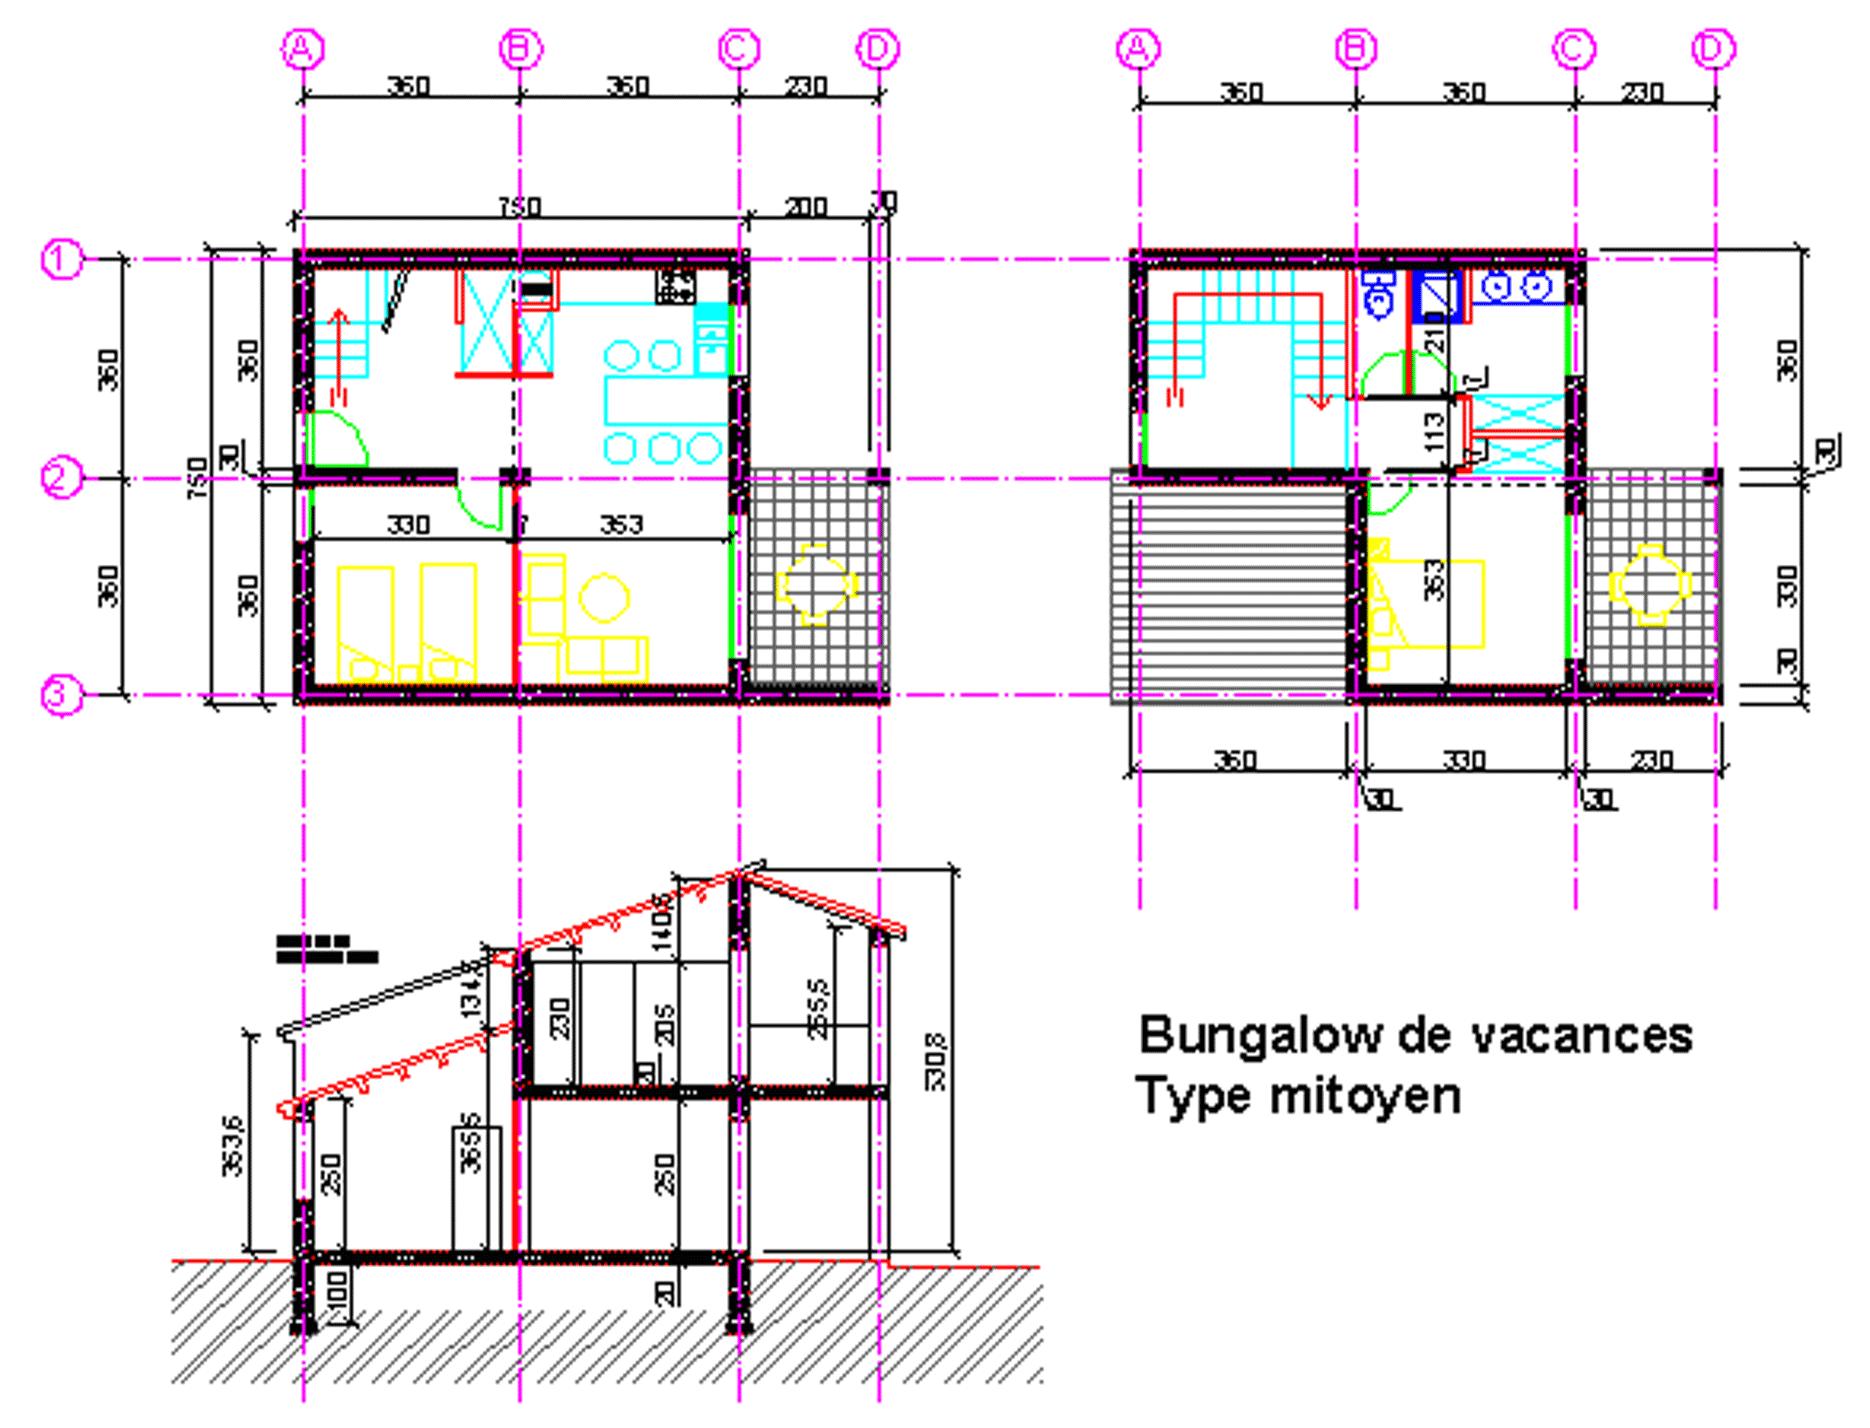 Logiciel dessin maison 3d gratuit francais logiciel for Dessin maison 3d gratuit